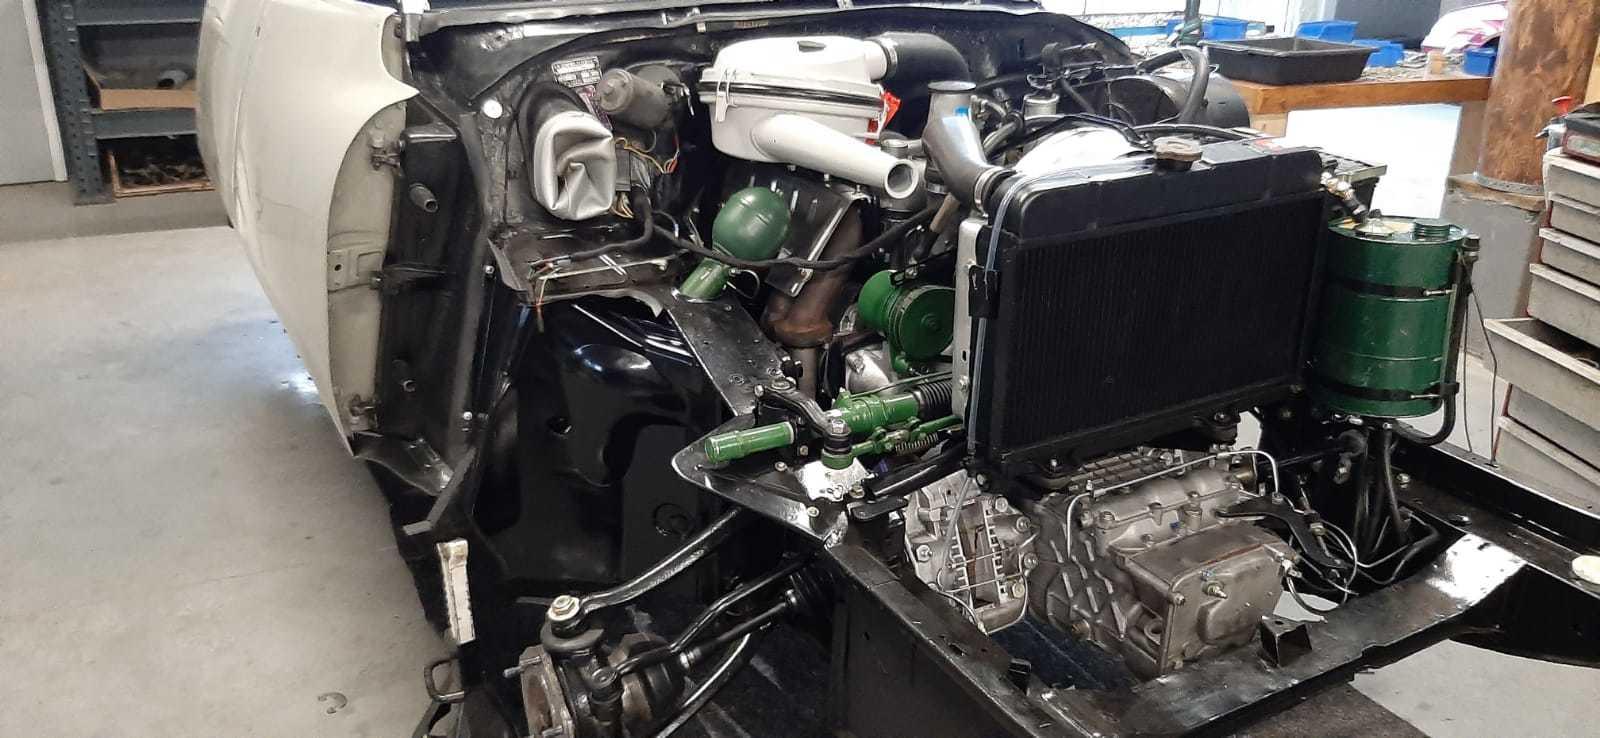 DSのレストアと修理依頼_c0105691_09130115.jpeg